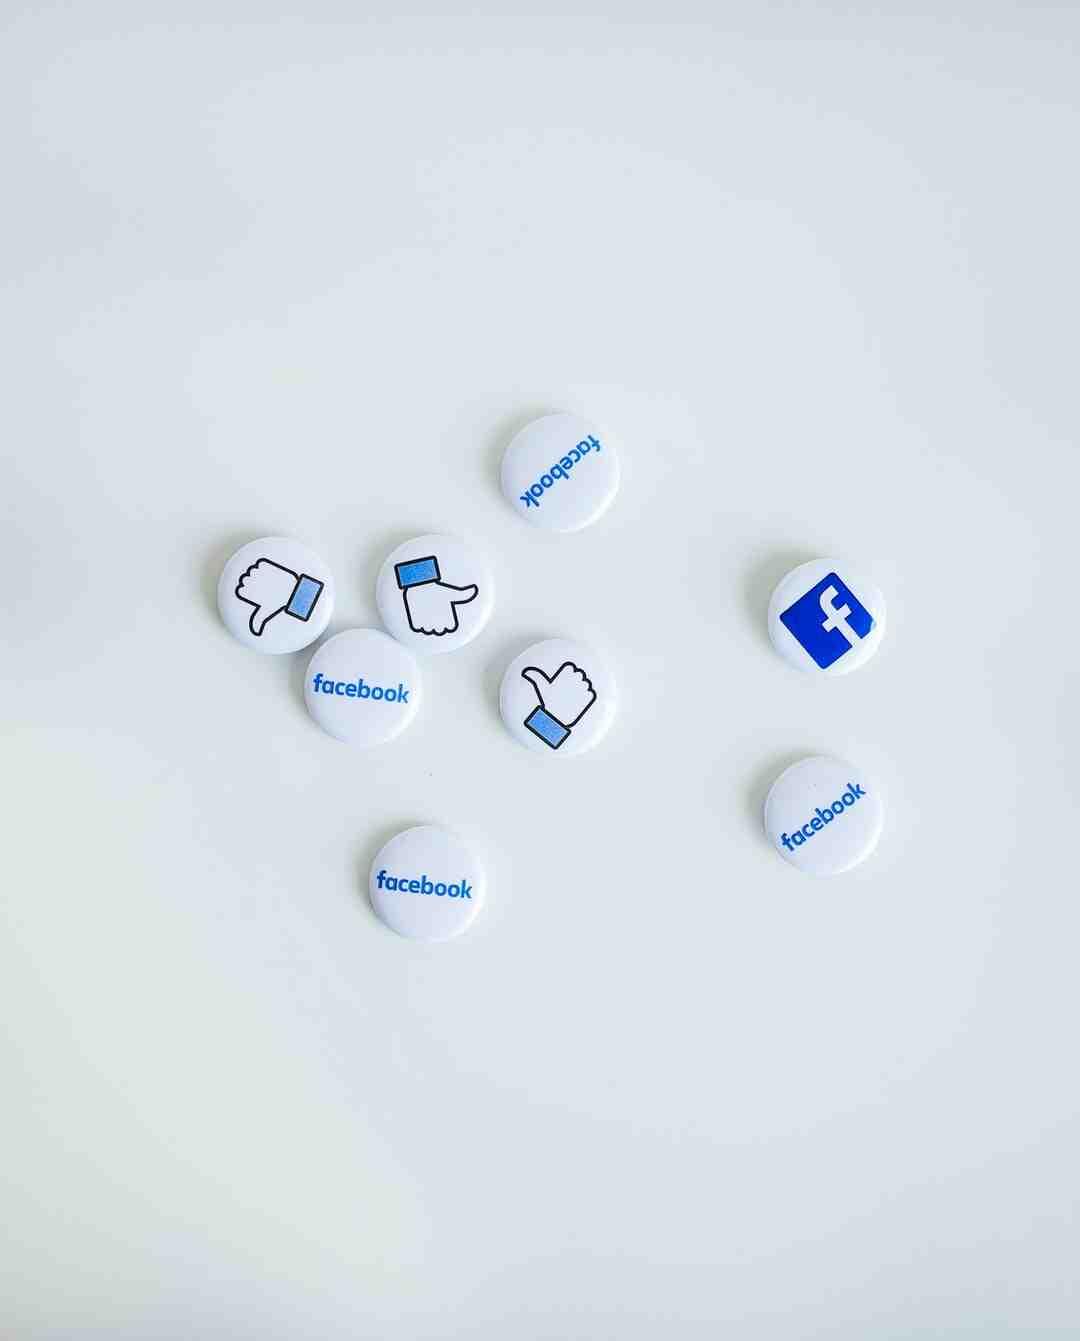 Comment utiliser facebook 2018